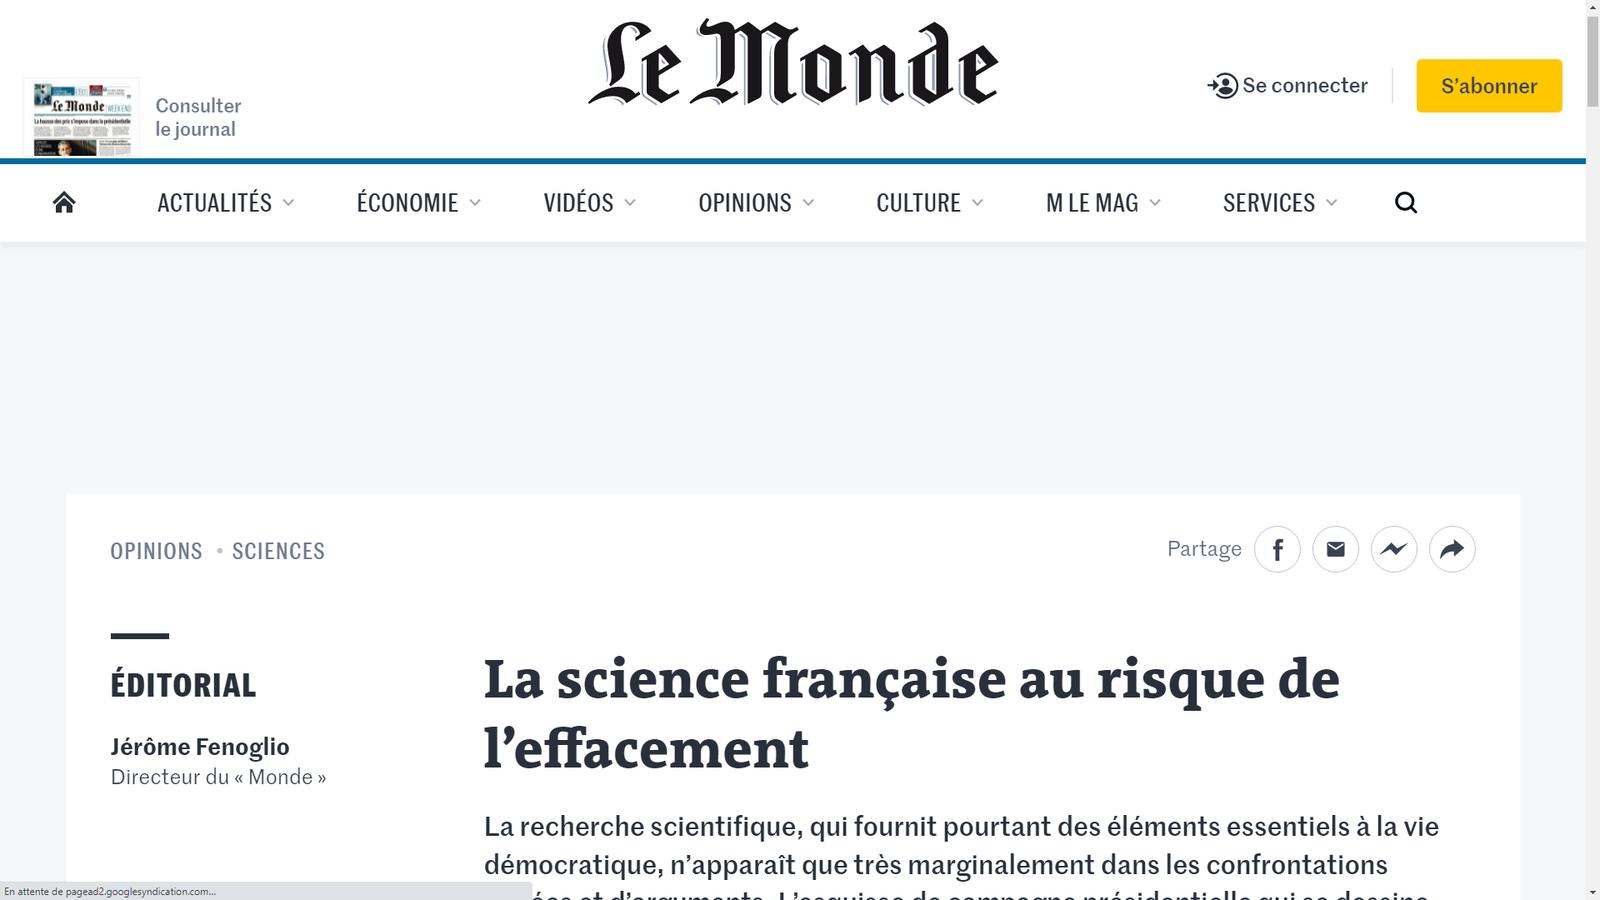 Source: https://www.lemonde.fr/idees/article/2021/09/28/la-science-francaise-au-risque-de-l-effacement_6096295_3232.html